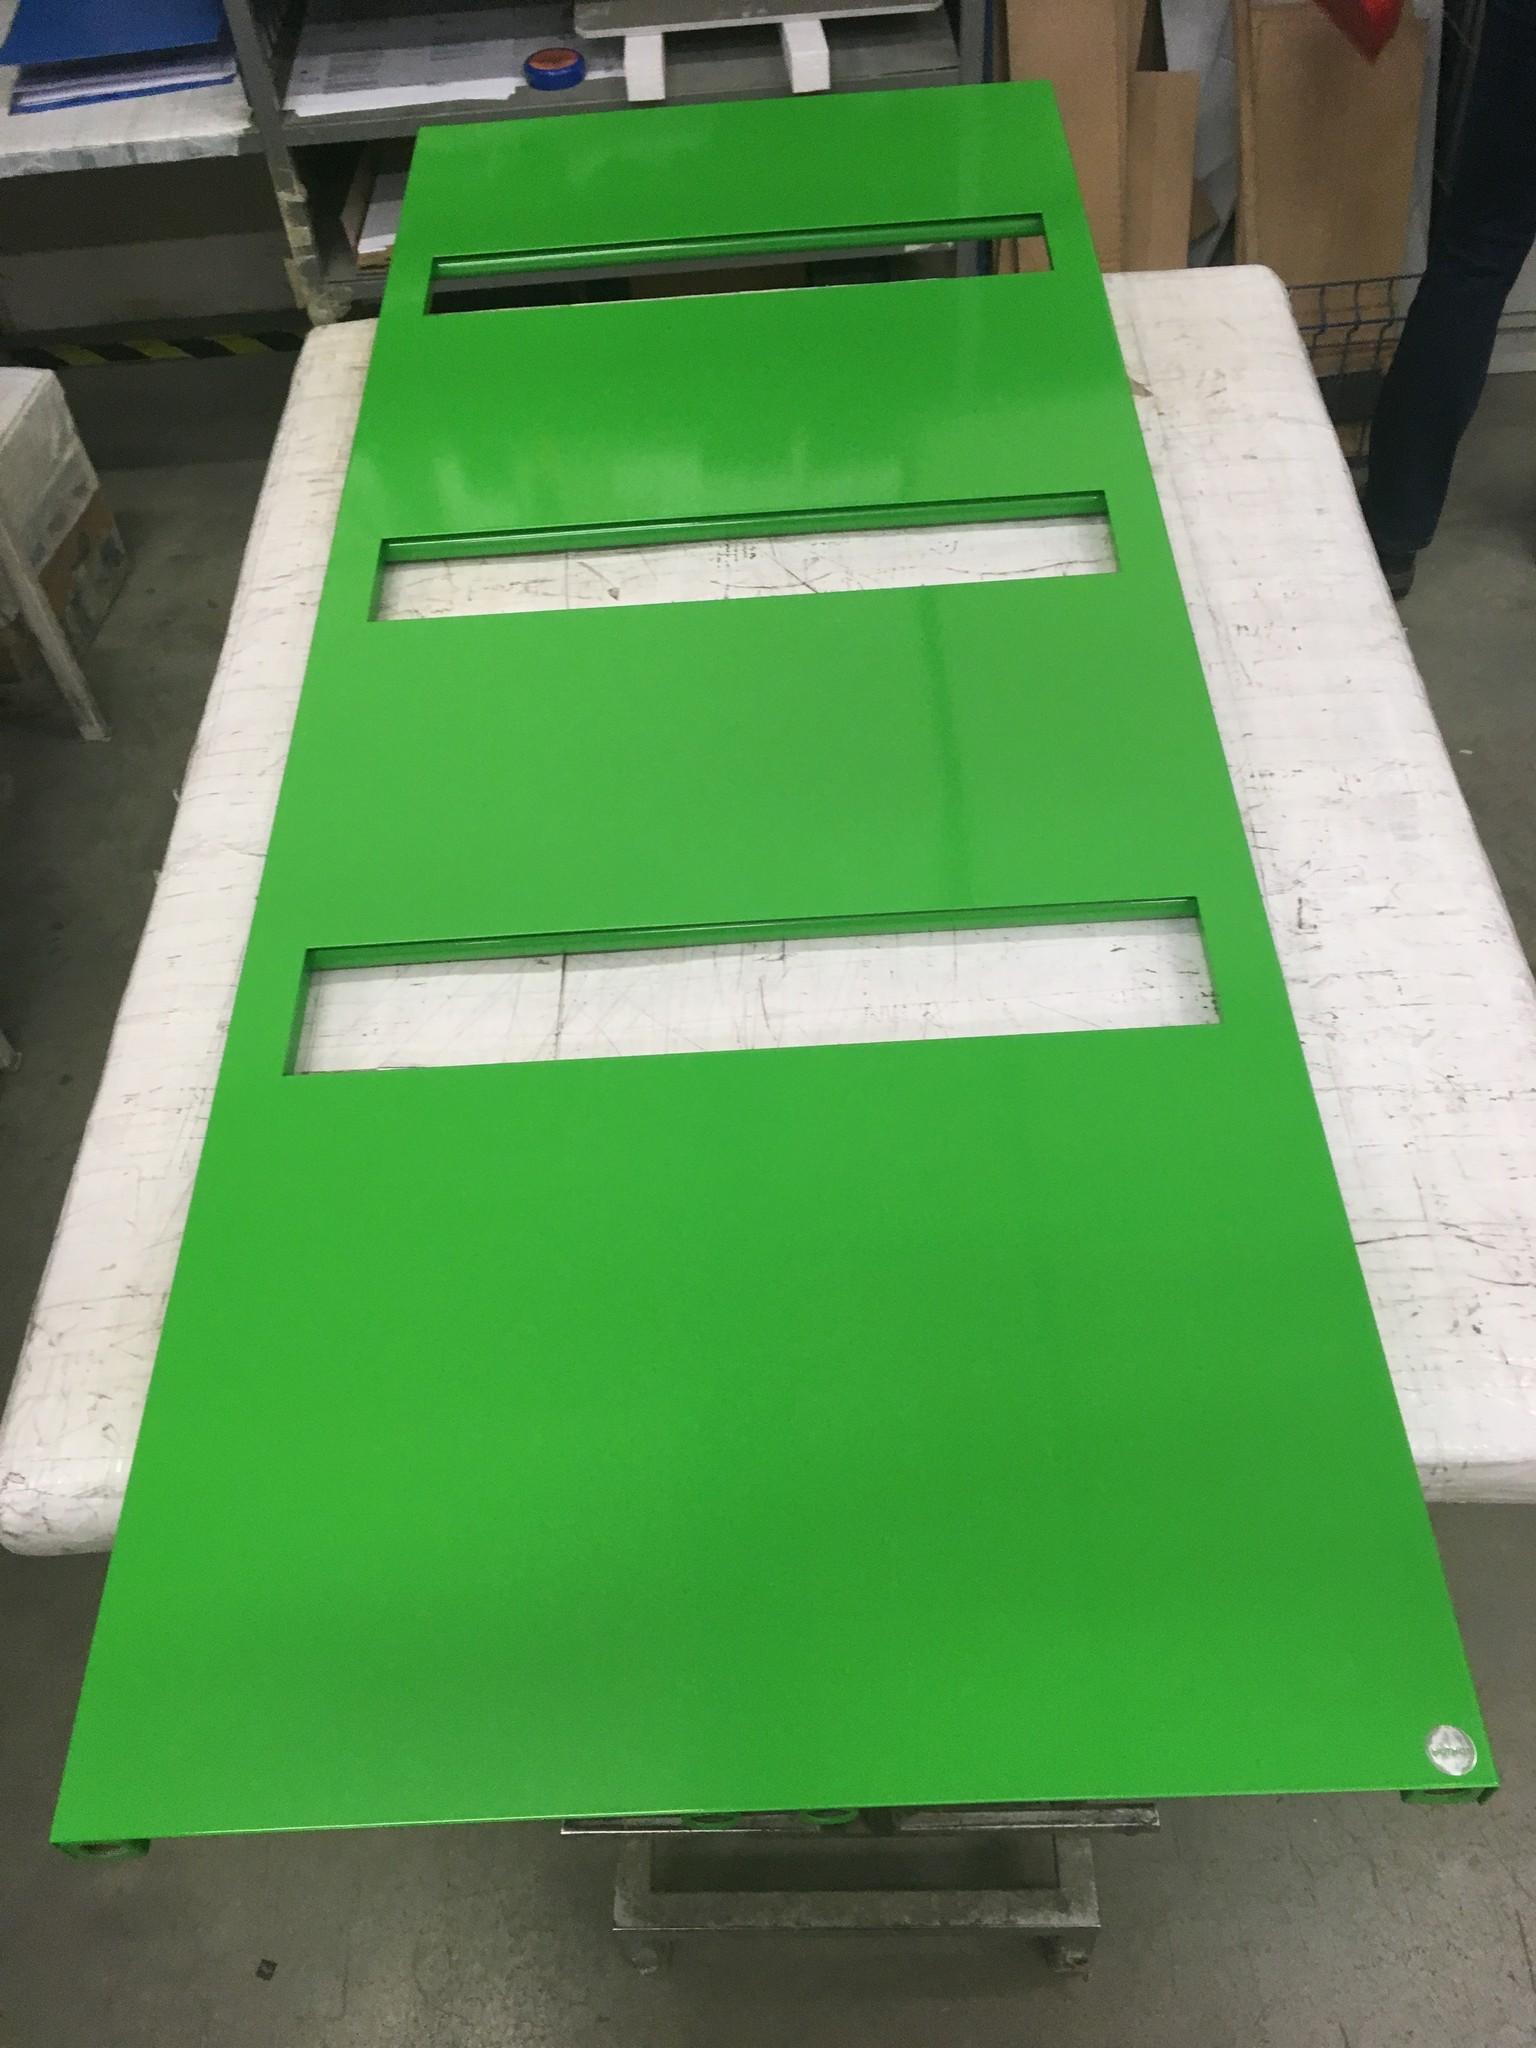 Radiateur SUE en couleur vert RAL 6018